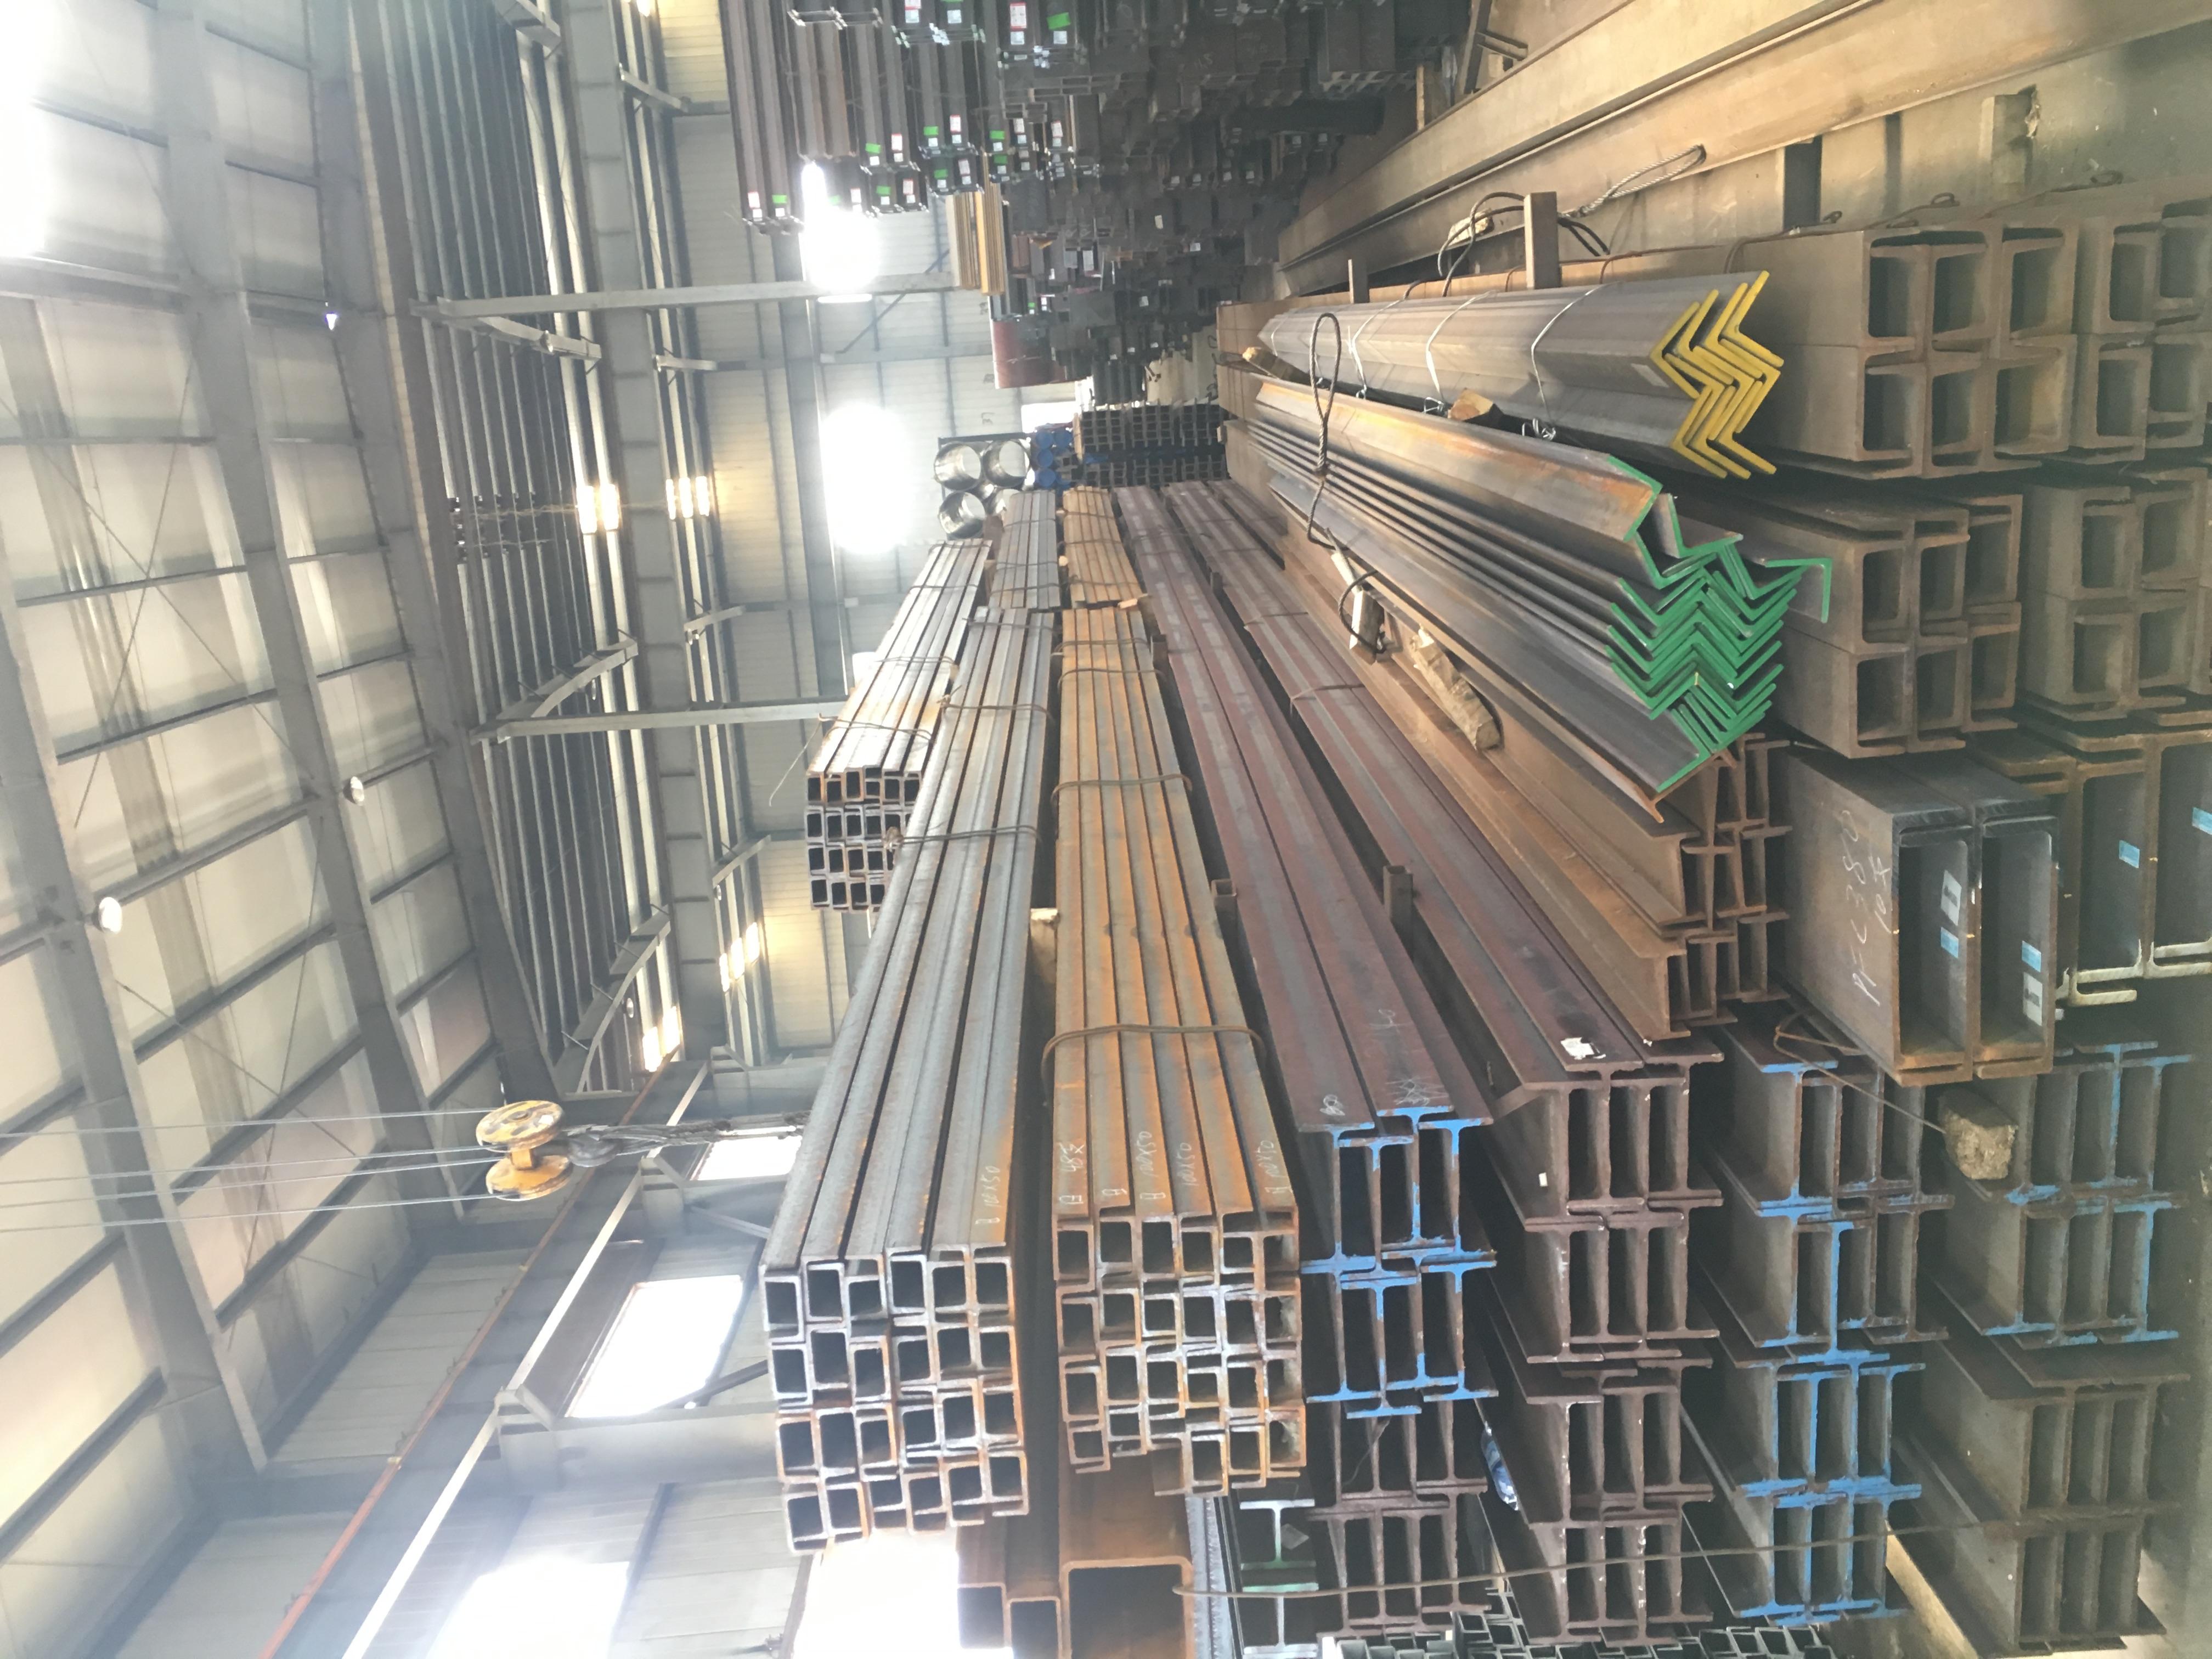 天津歐標槽鋼UPN380生產計劃概況 歐標槽鋼構件